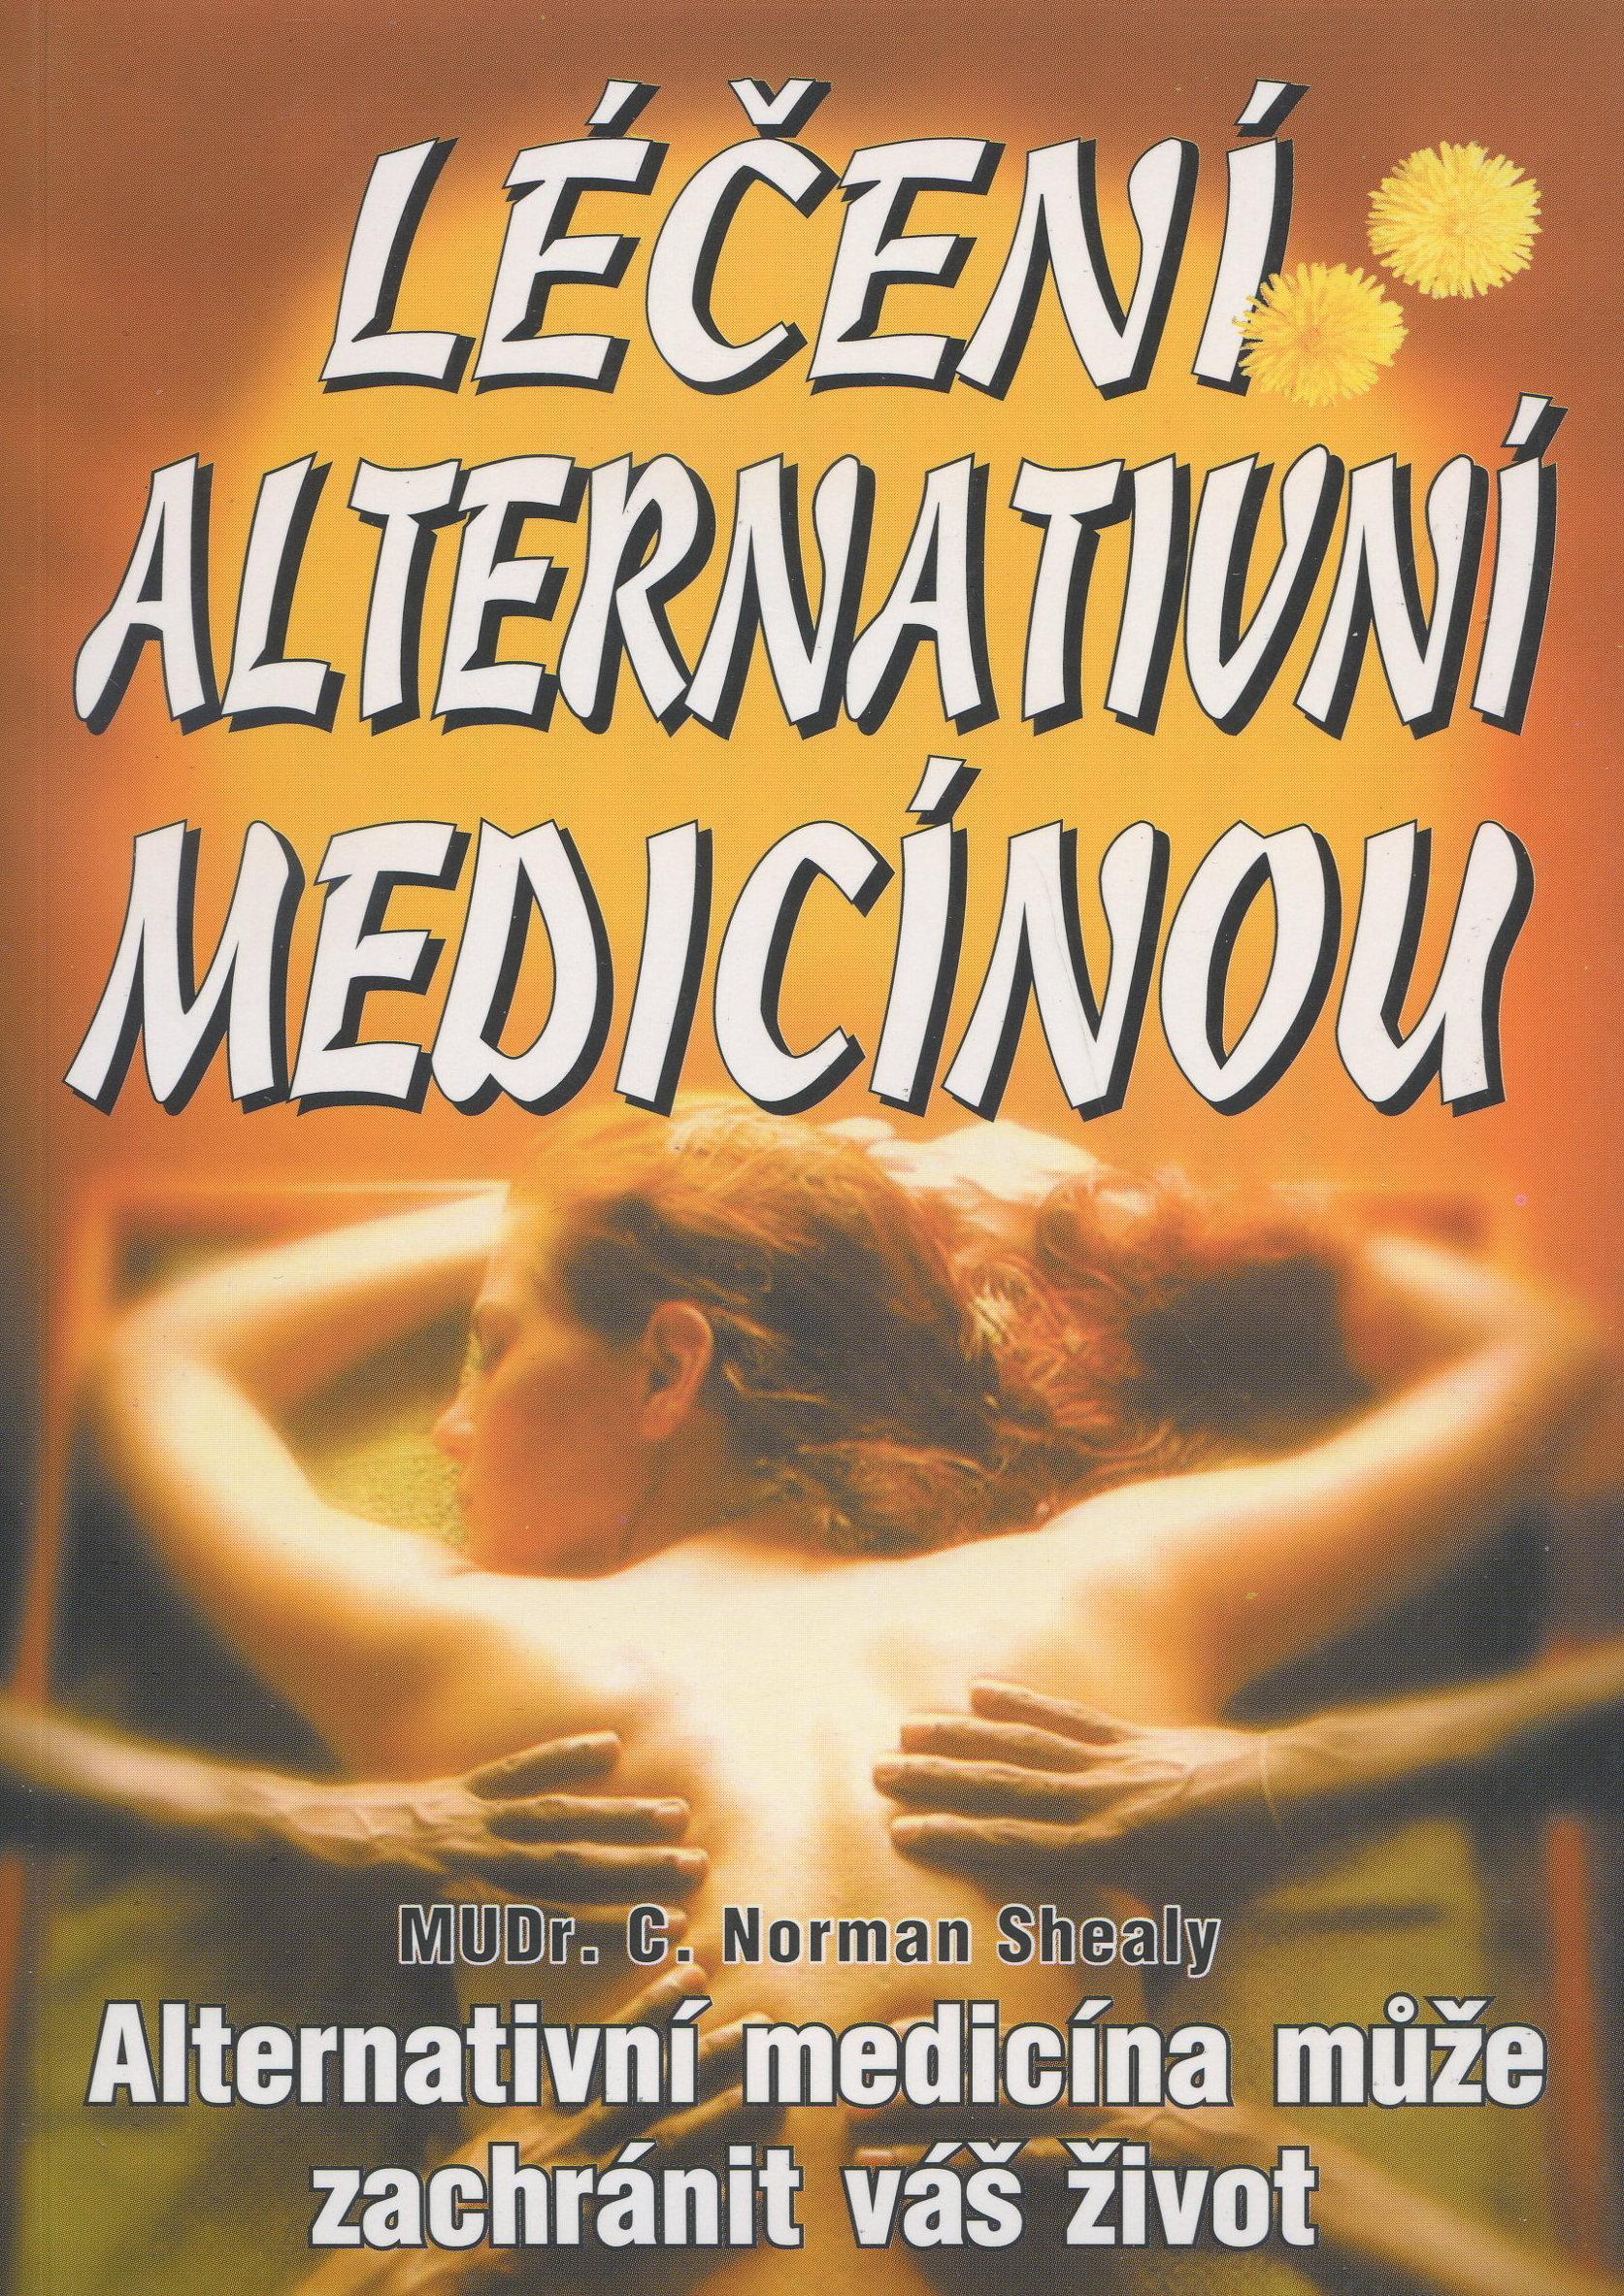 Léčení alternativní medicínou - alternativní medicína můze zachránit váš život